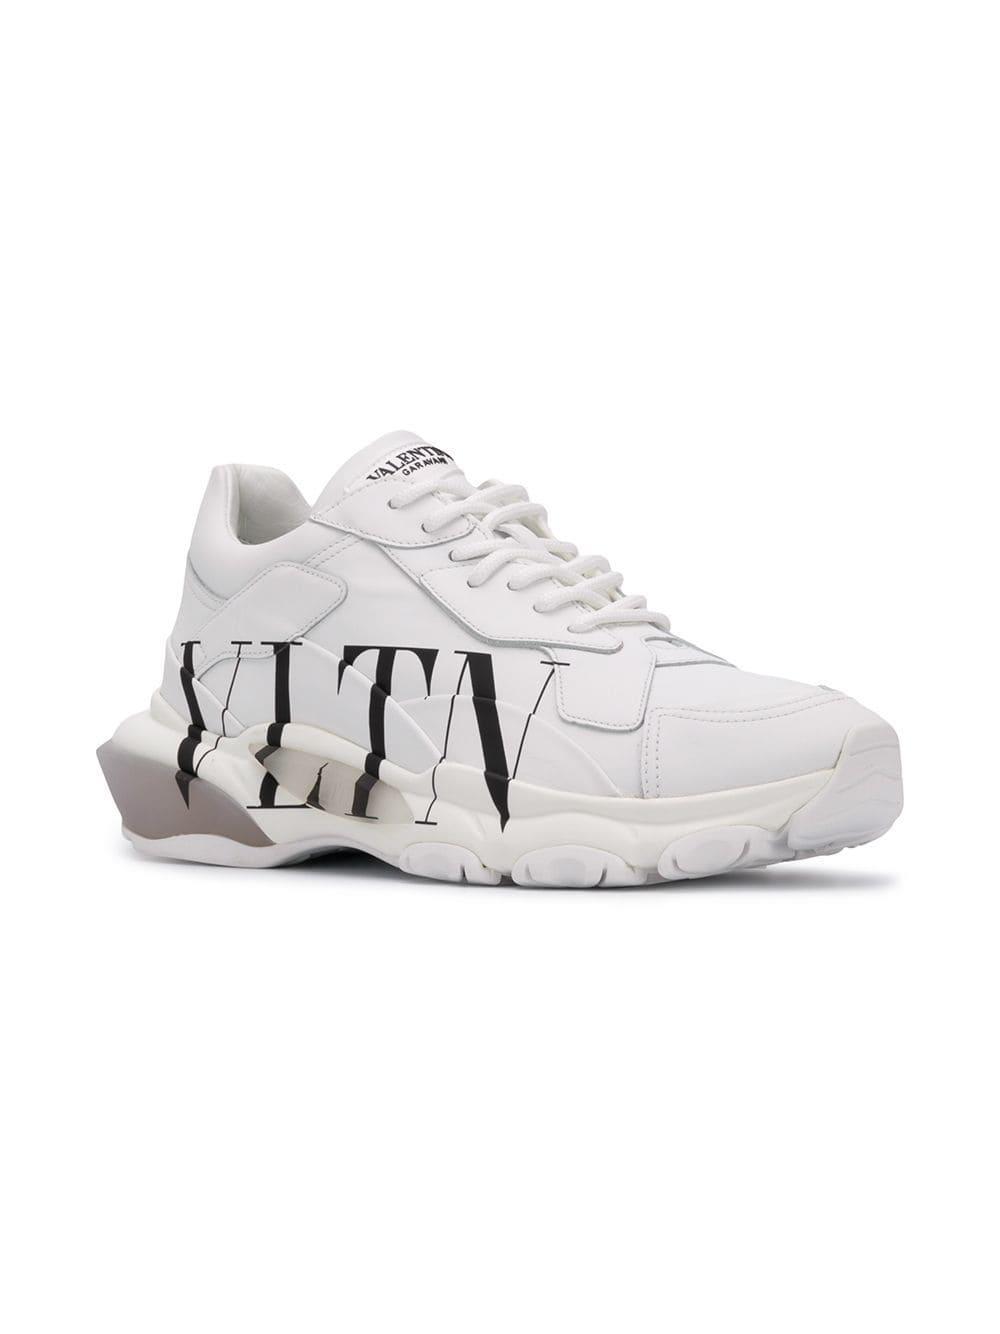 609805486c2d Lyst - Valentino Garavani Rockstud Vltn Sneakers in White for Men